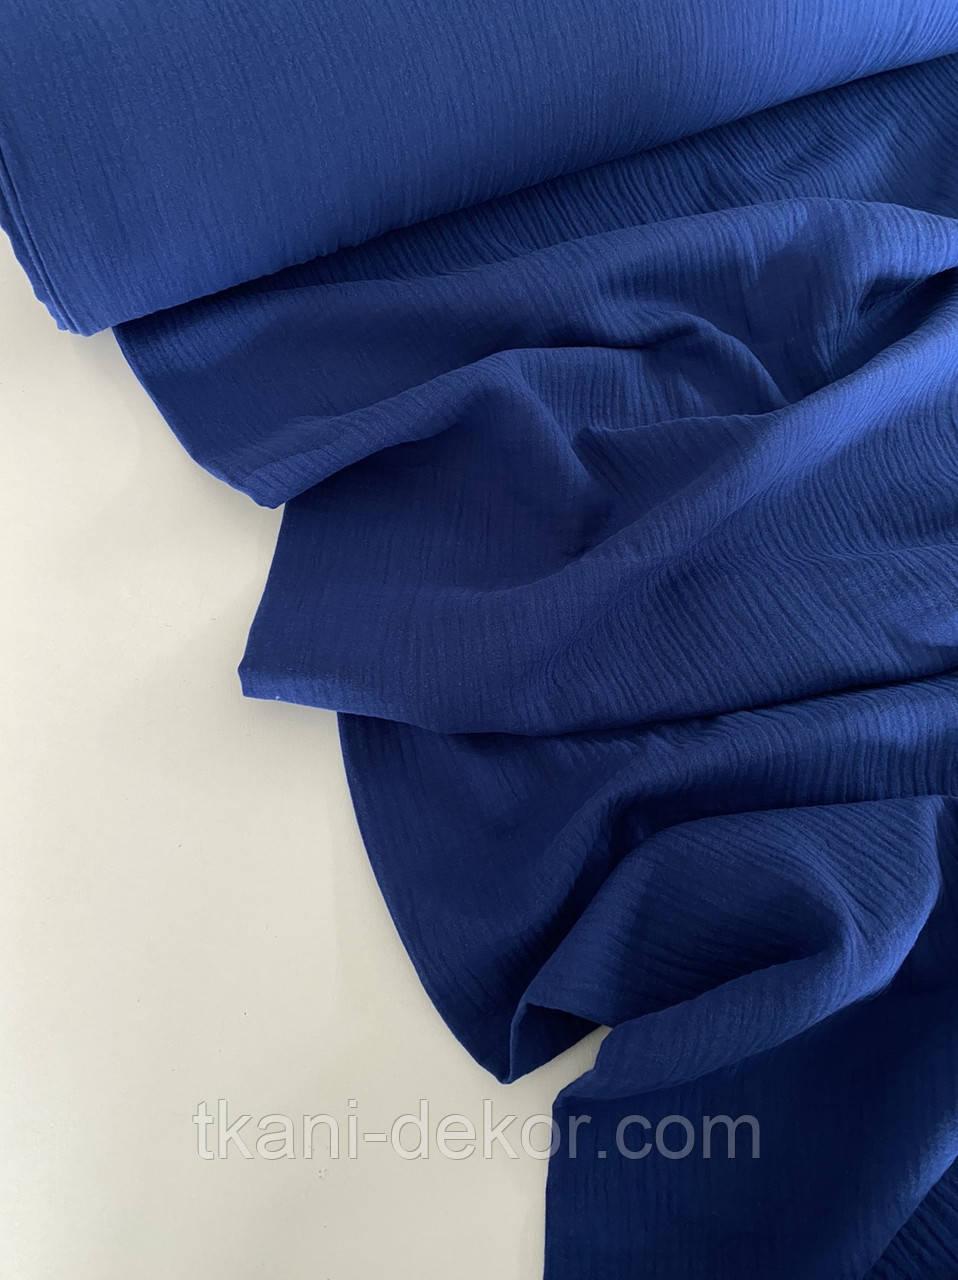 Муслин (хлопковая ткань) жатка синий однотон (ширина 1,35 м)